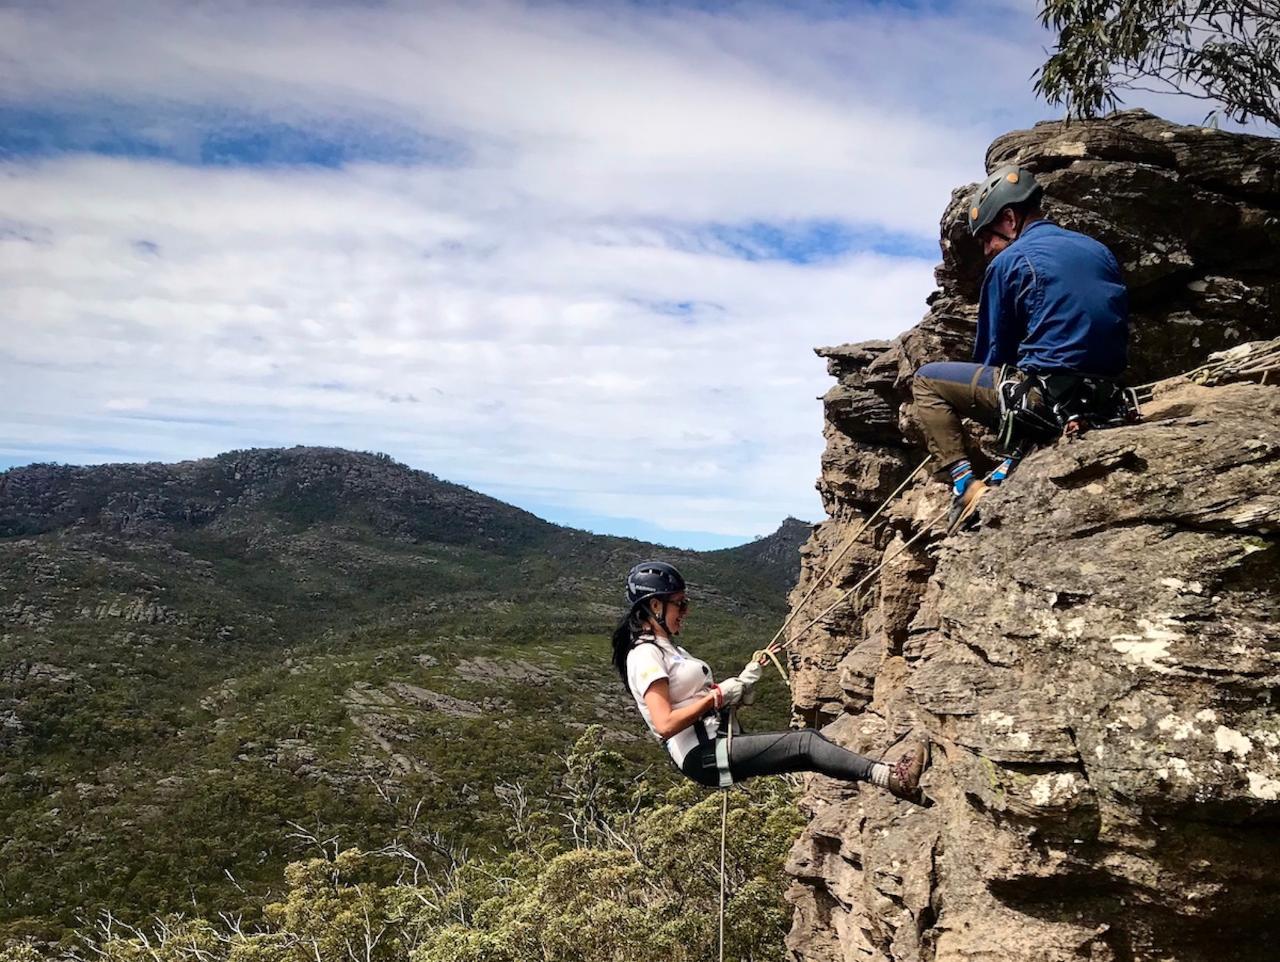 Rock Adventure - Beginner climb and abseil